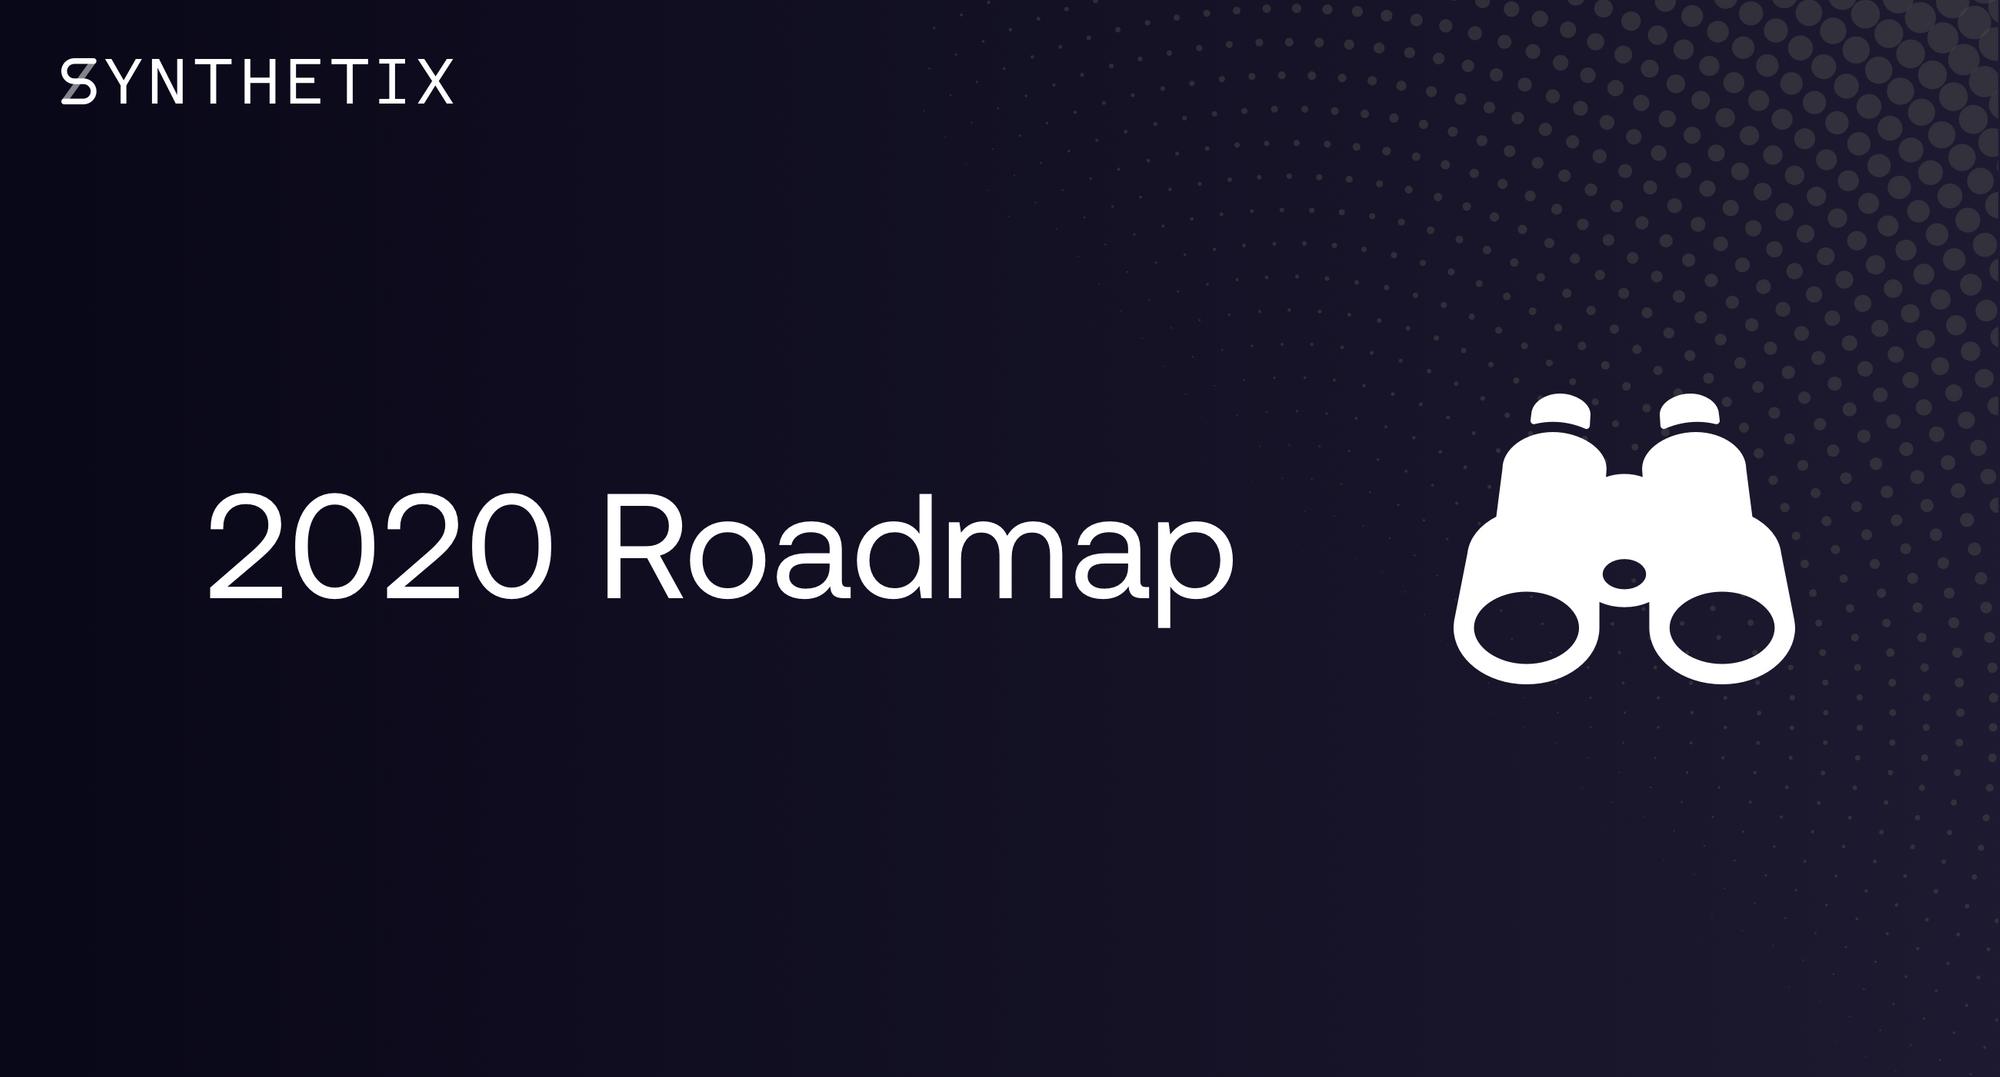 2020 Roadmap